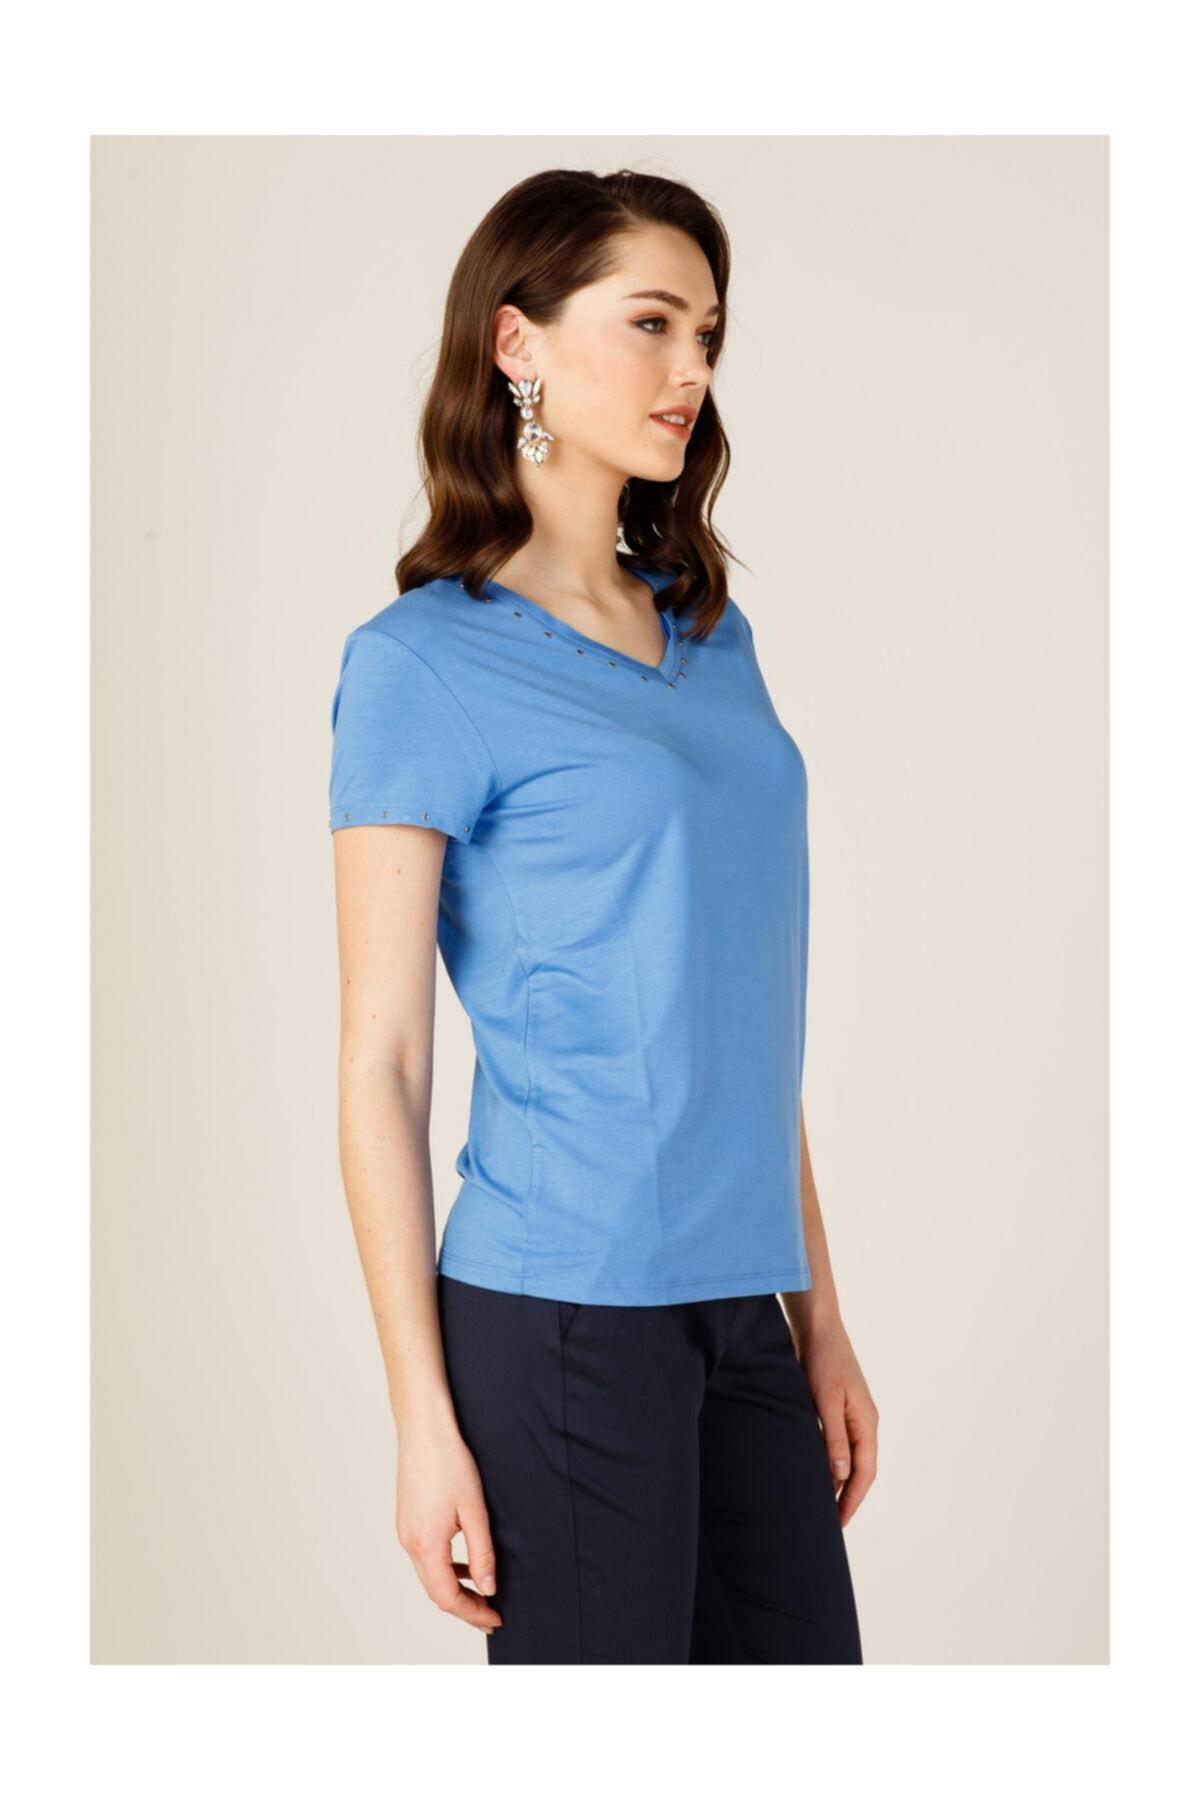 ON Kadın Mavi Yakası Taşlı Tişört 2